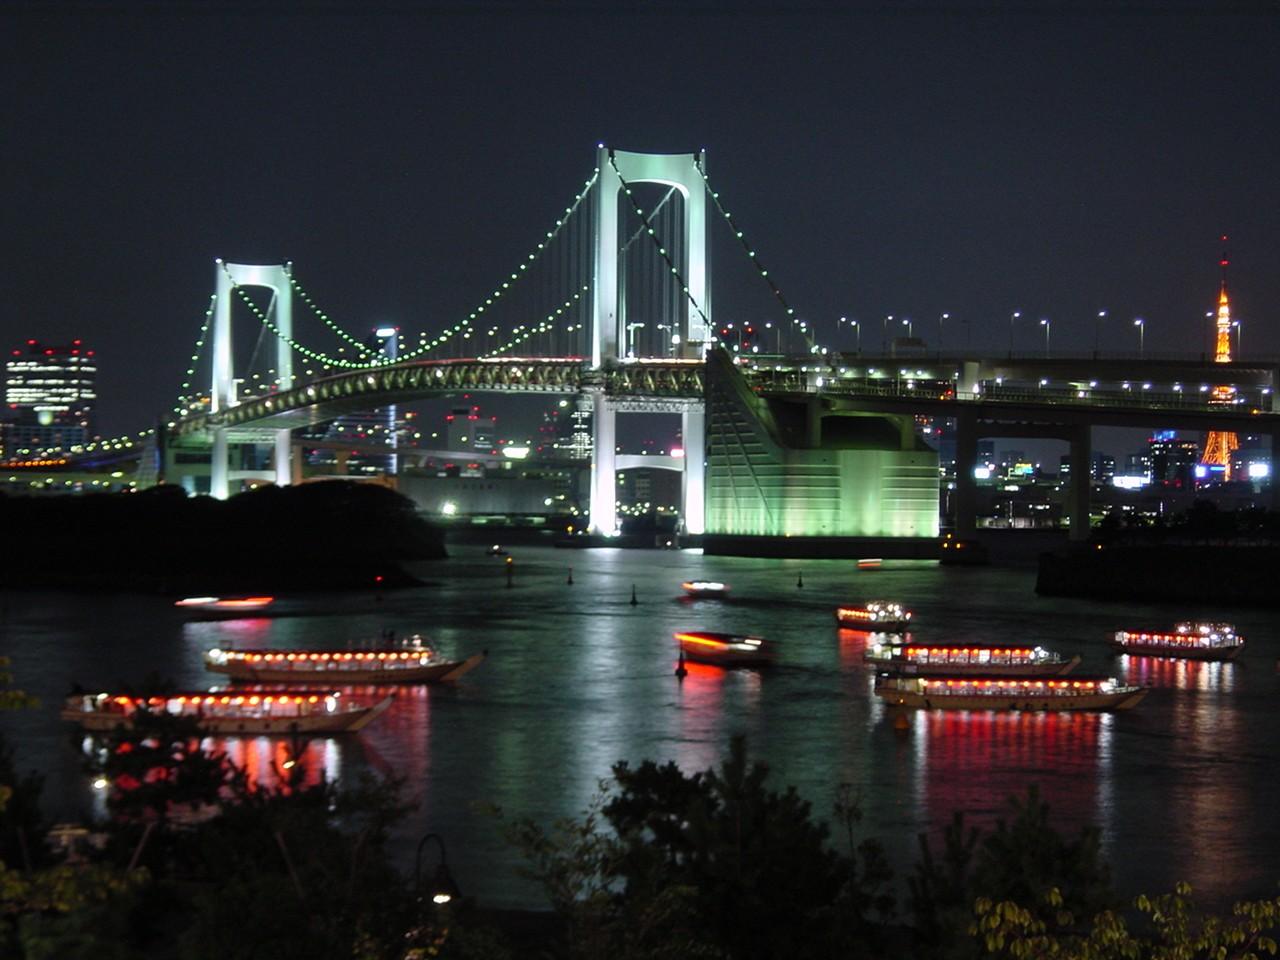 Tóquio, Japão - Via Plataforma Urbana